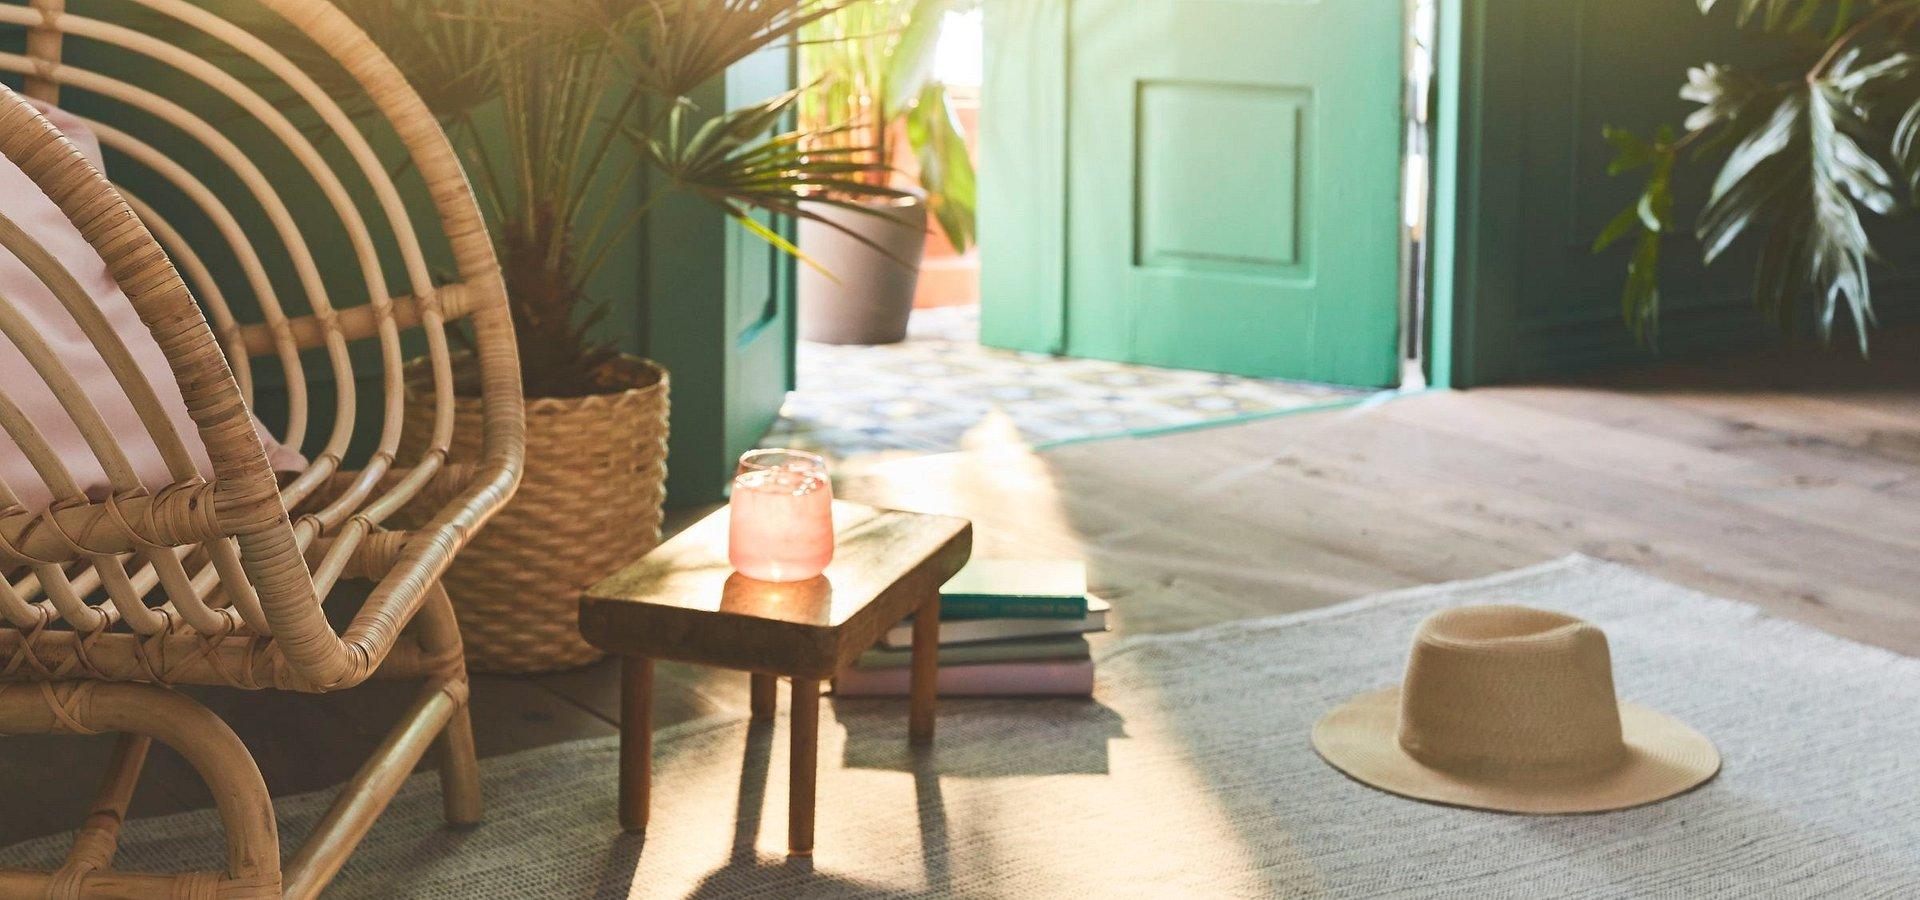 Słoneczny relaks w domu z kwietniowymi nowościami od IKEA!